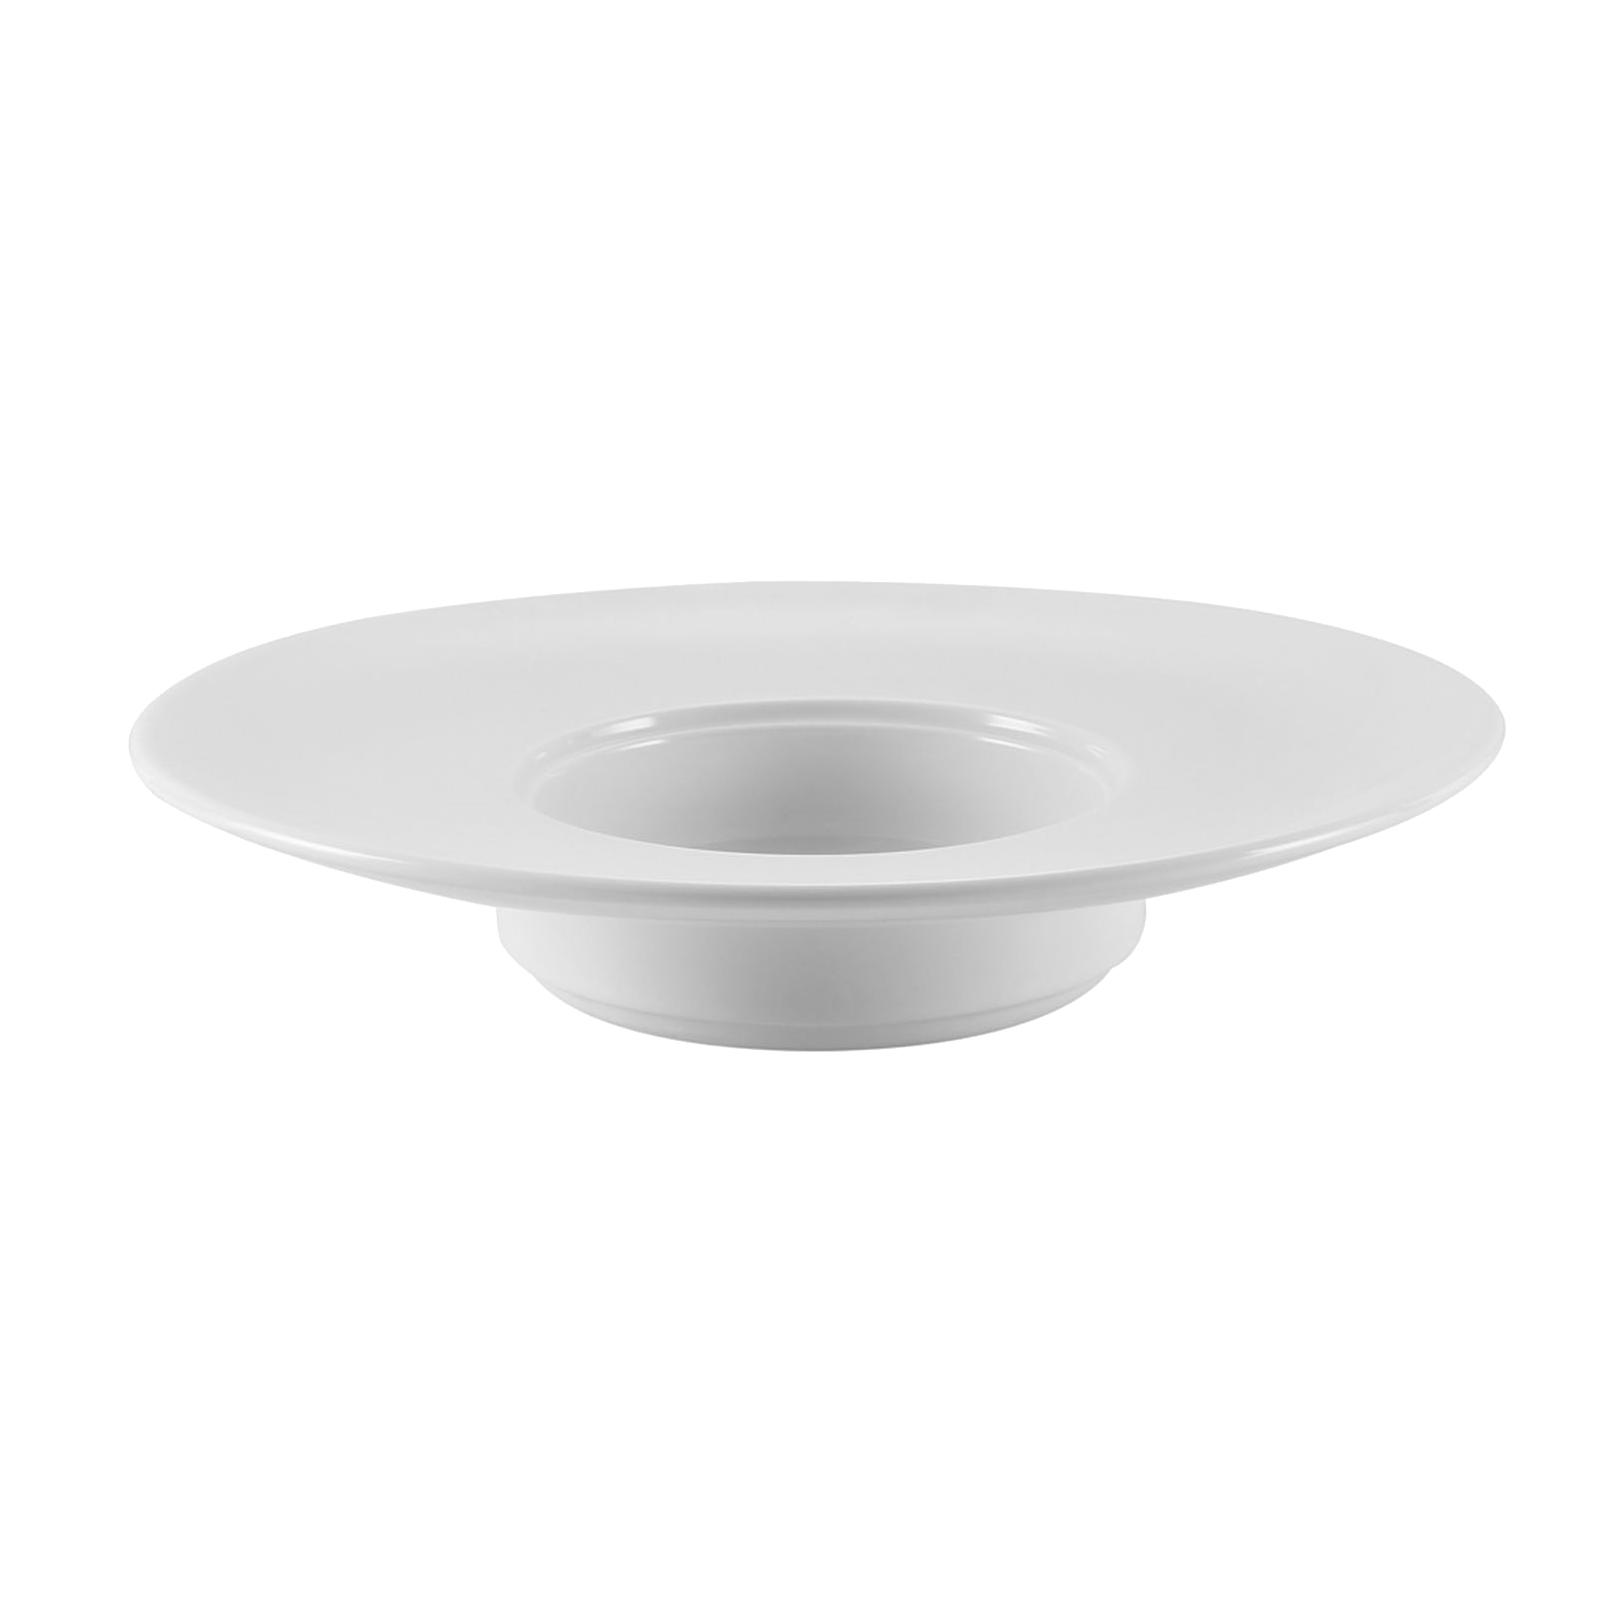 CAC China RCN-312 china, bowl,  9 - 16 oz